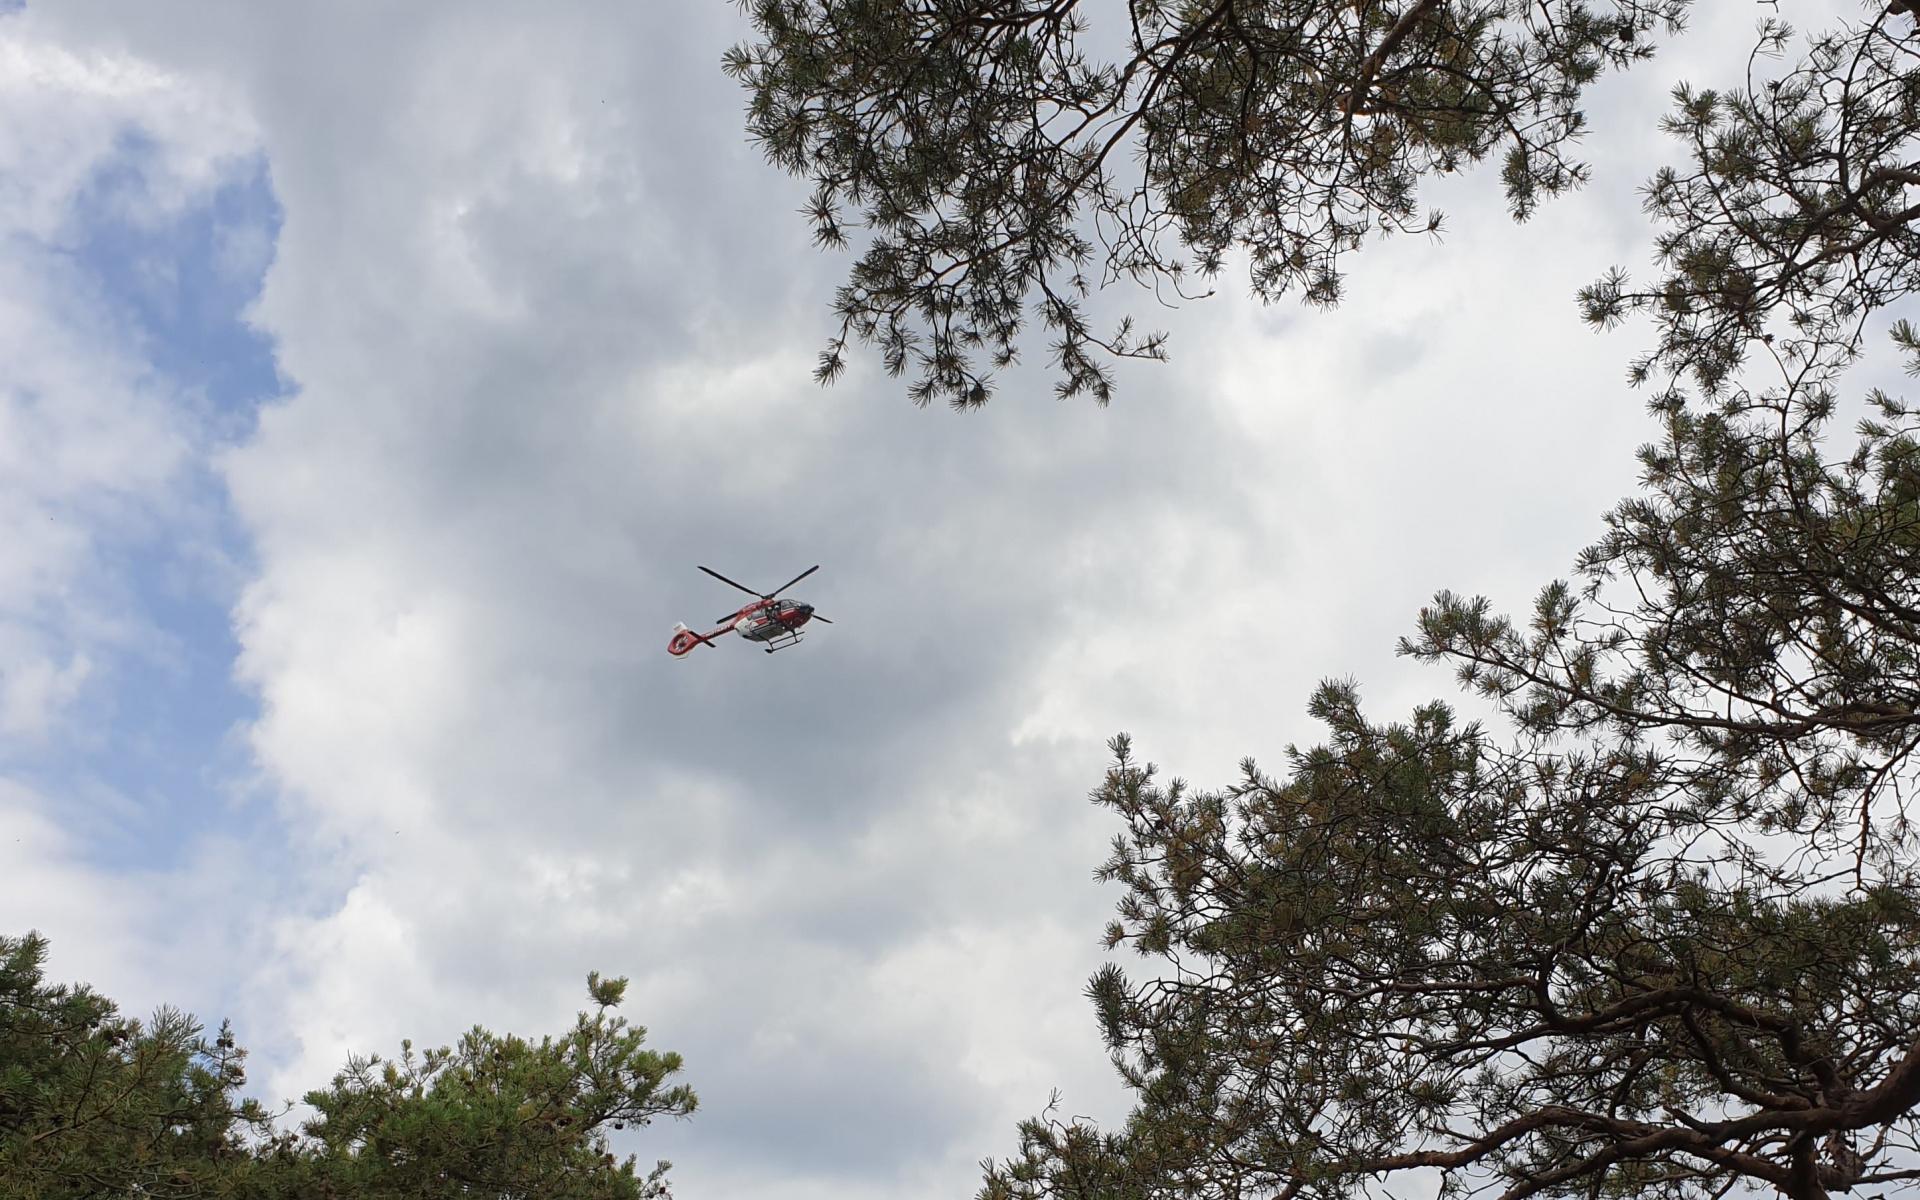 Anflug von unserem Hubschrauber über den Pfälzer Wald